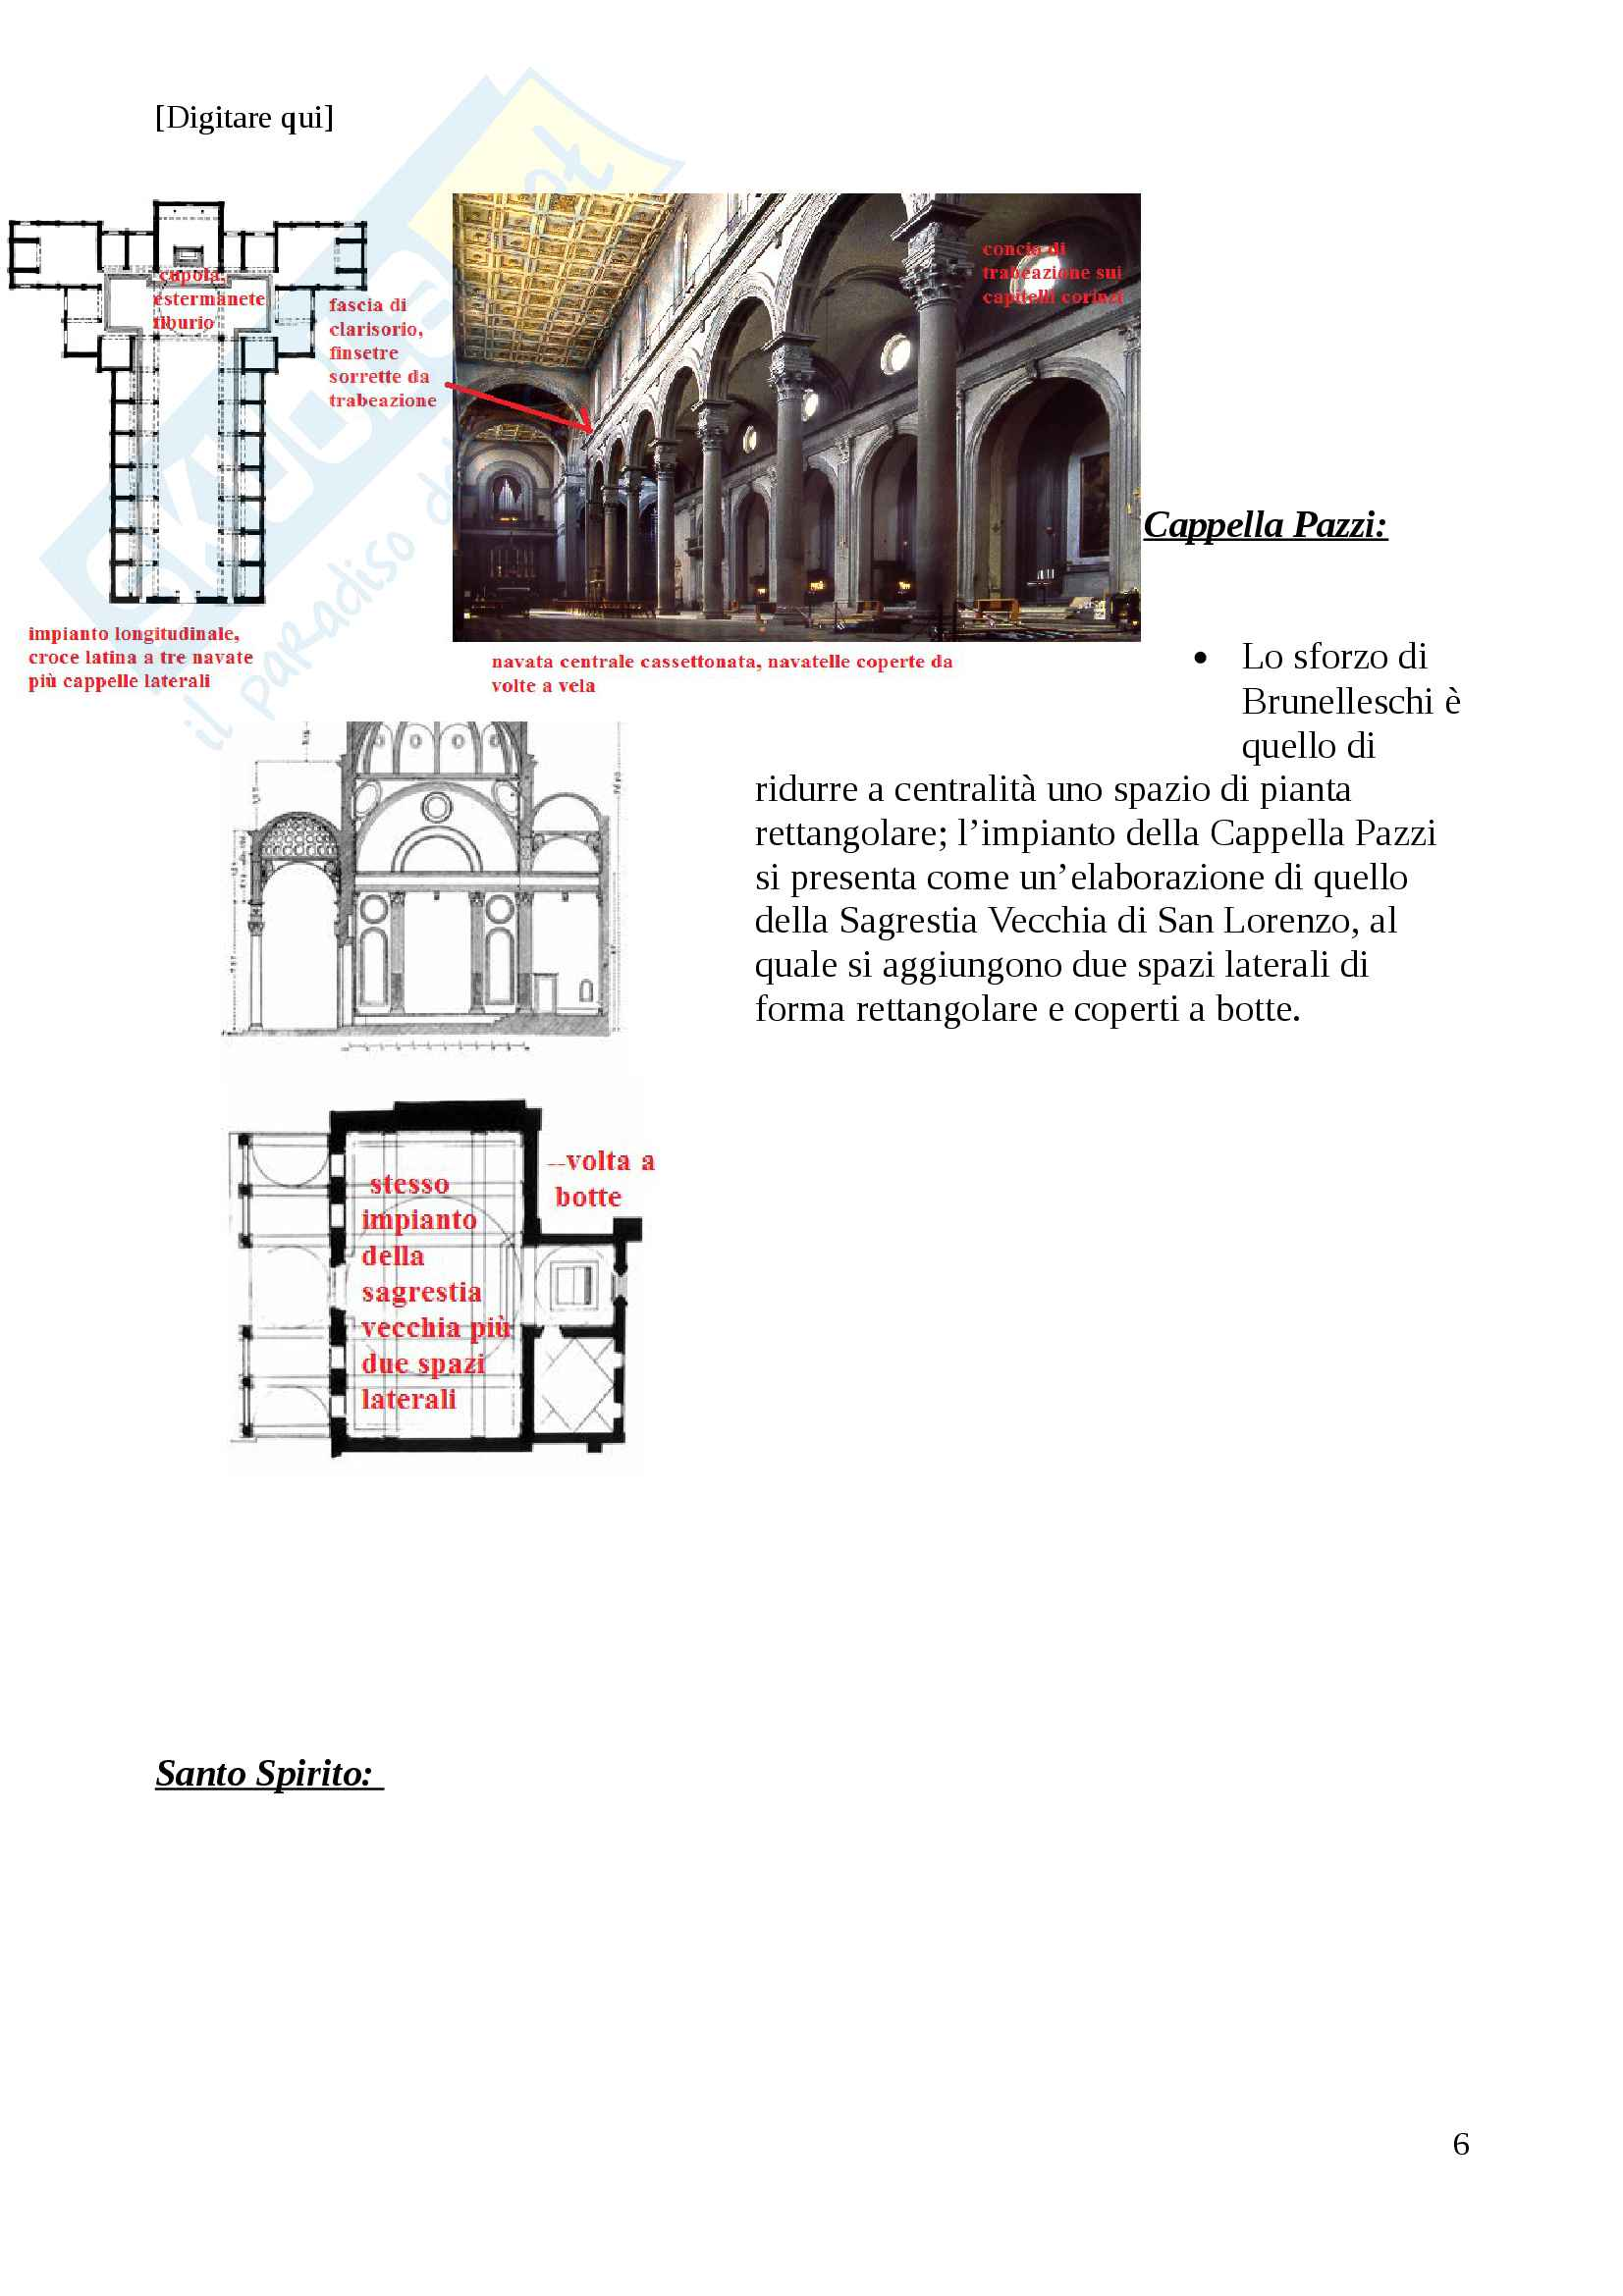 Storia dell'architettura dal 400 al 700 Pag. 6